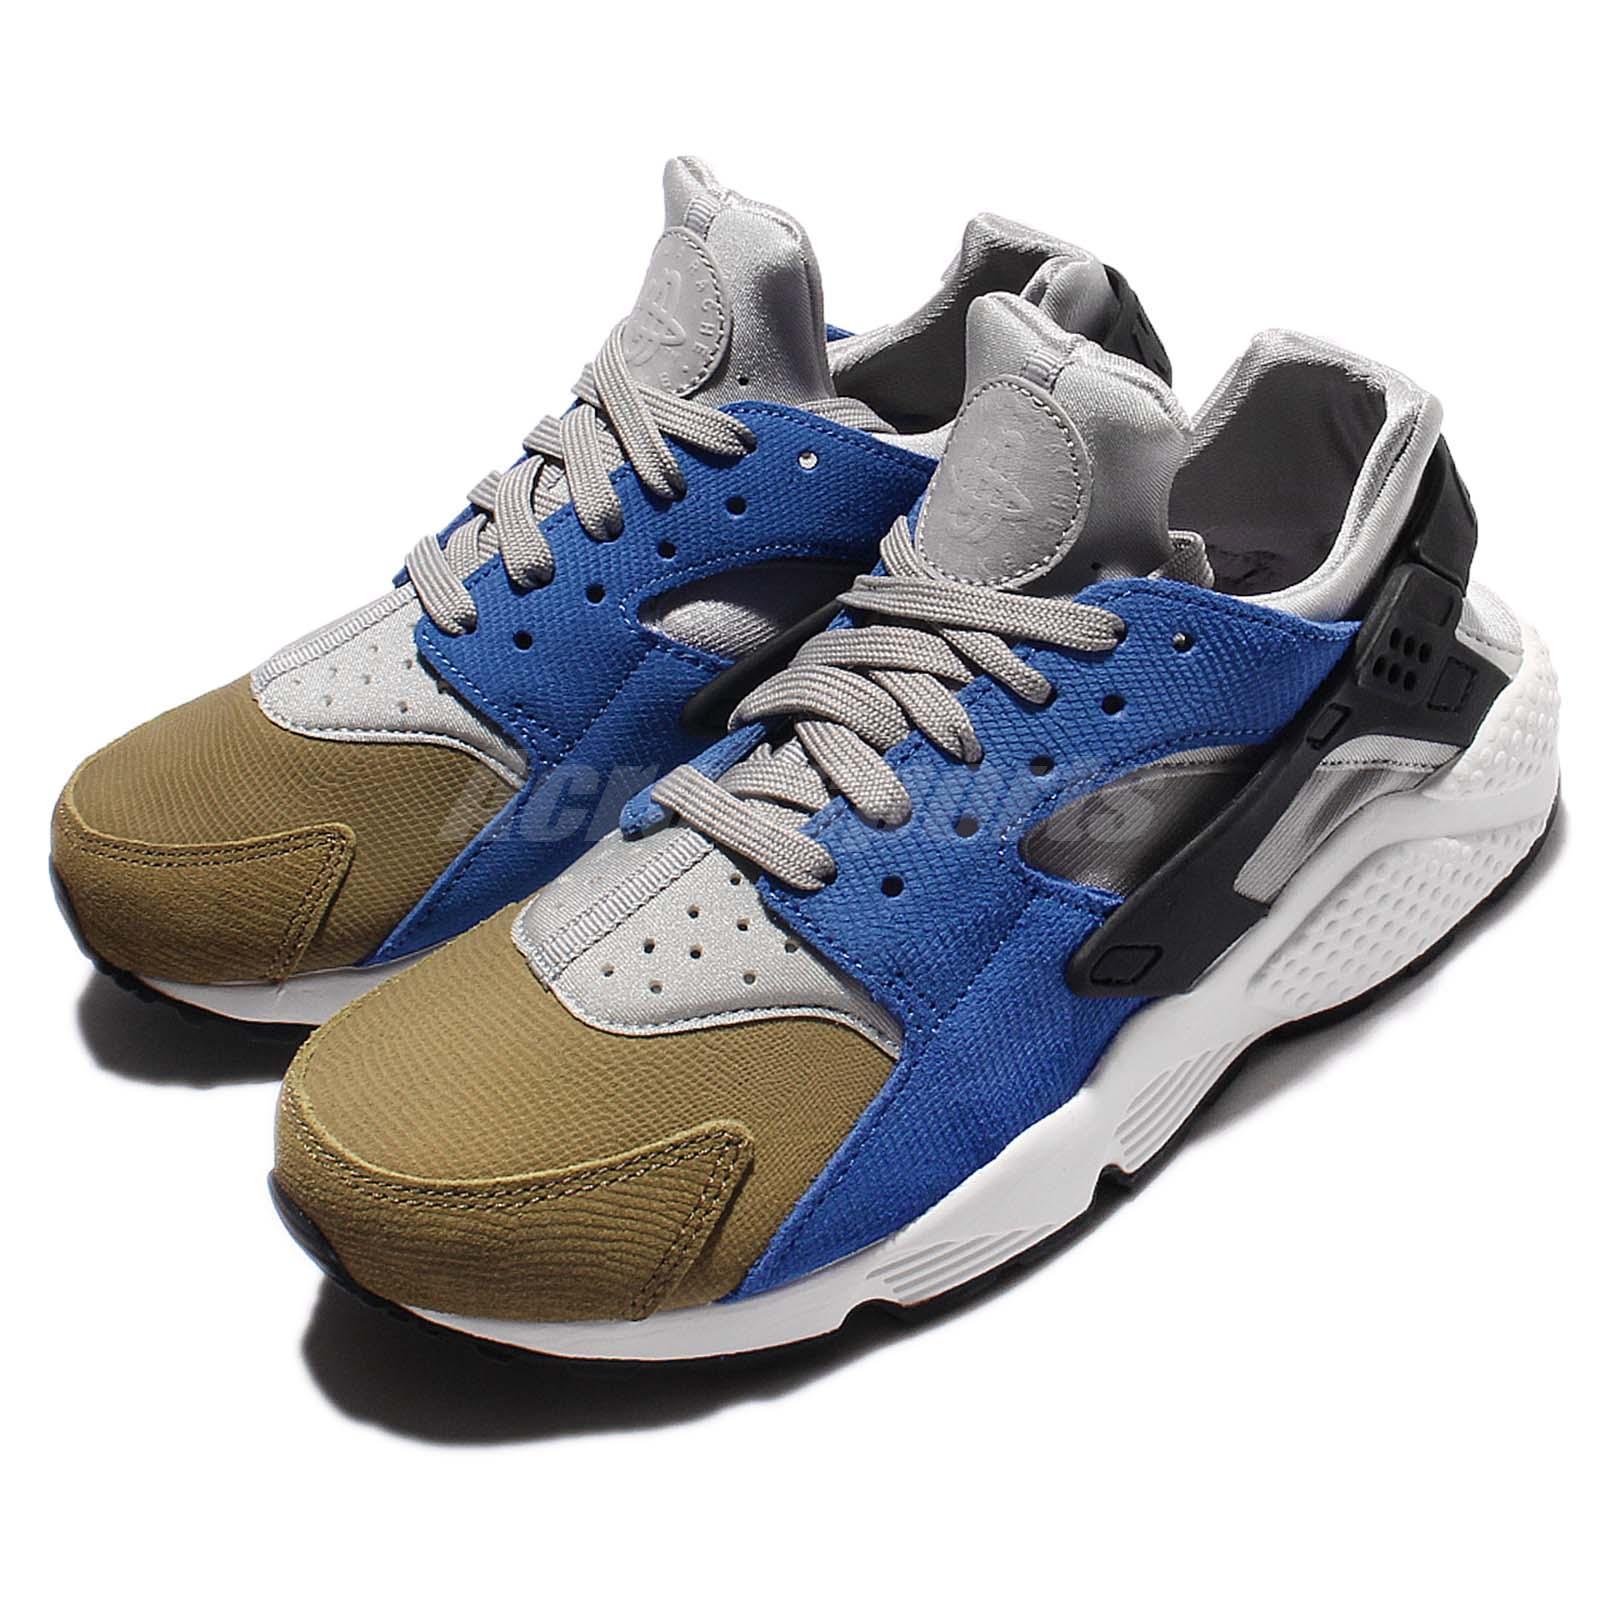 Nike Wmns Huarache Run PRM Premium Matte Silver Black Women Shoes 683818007